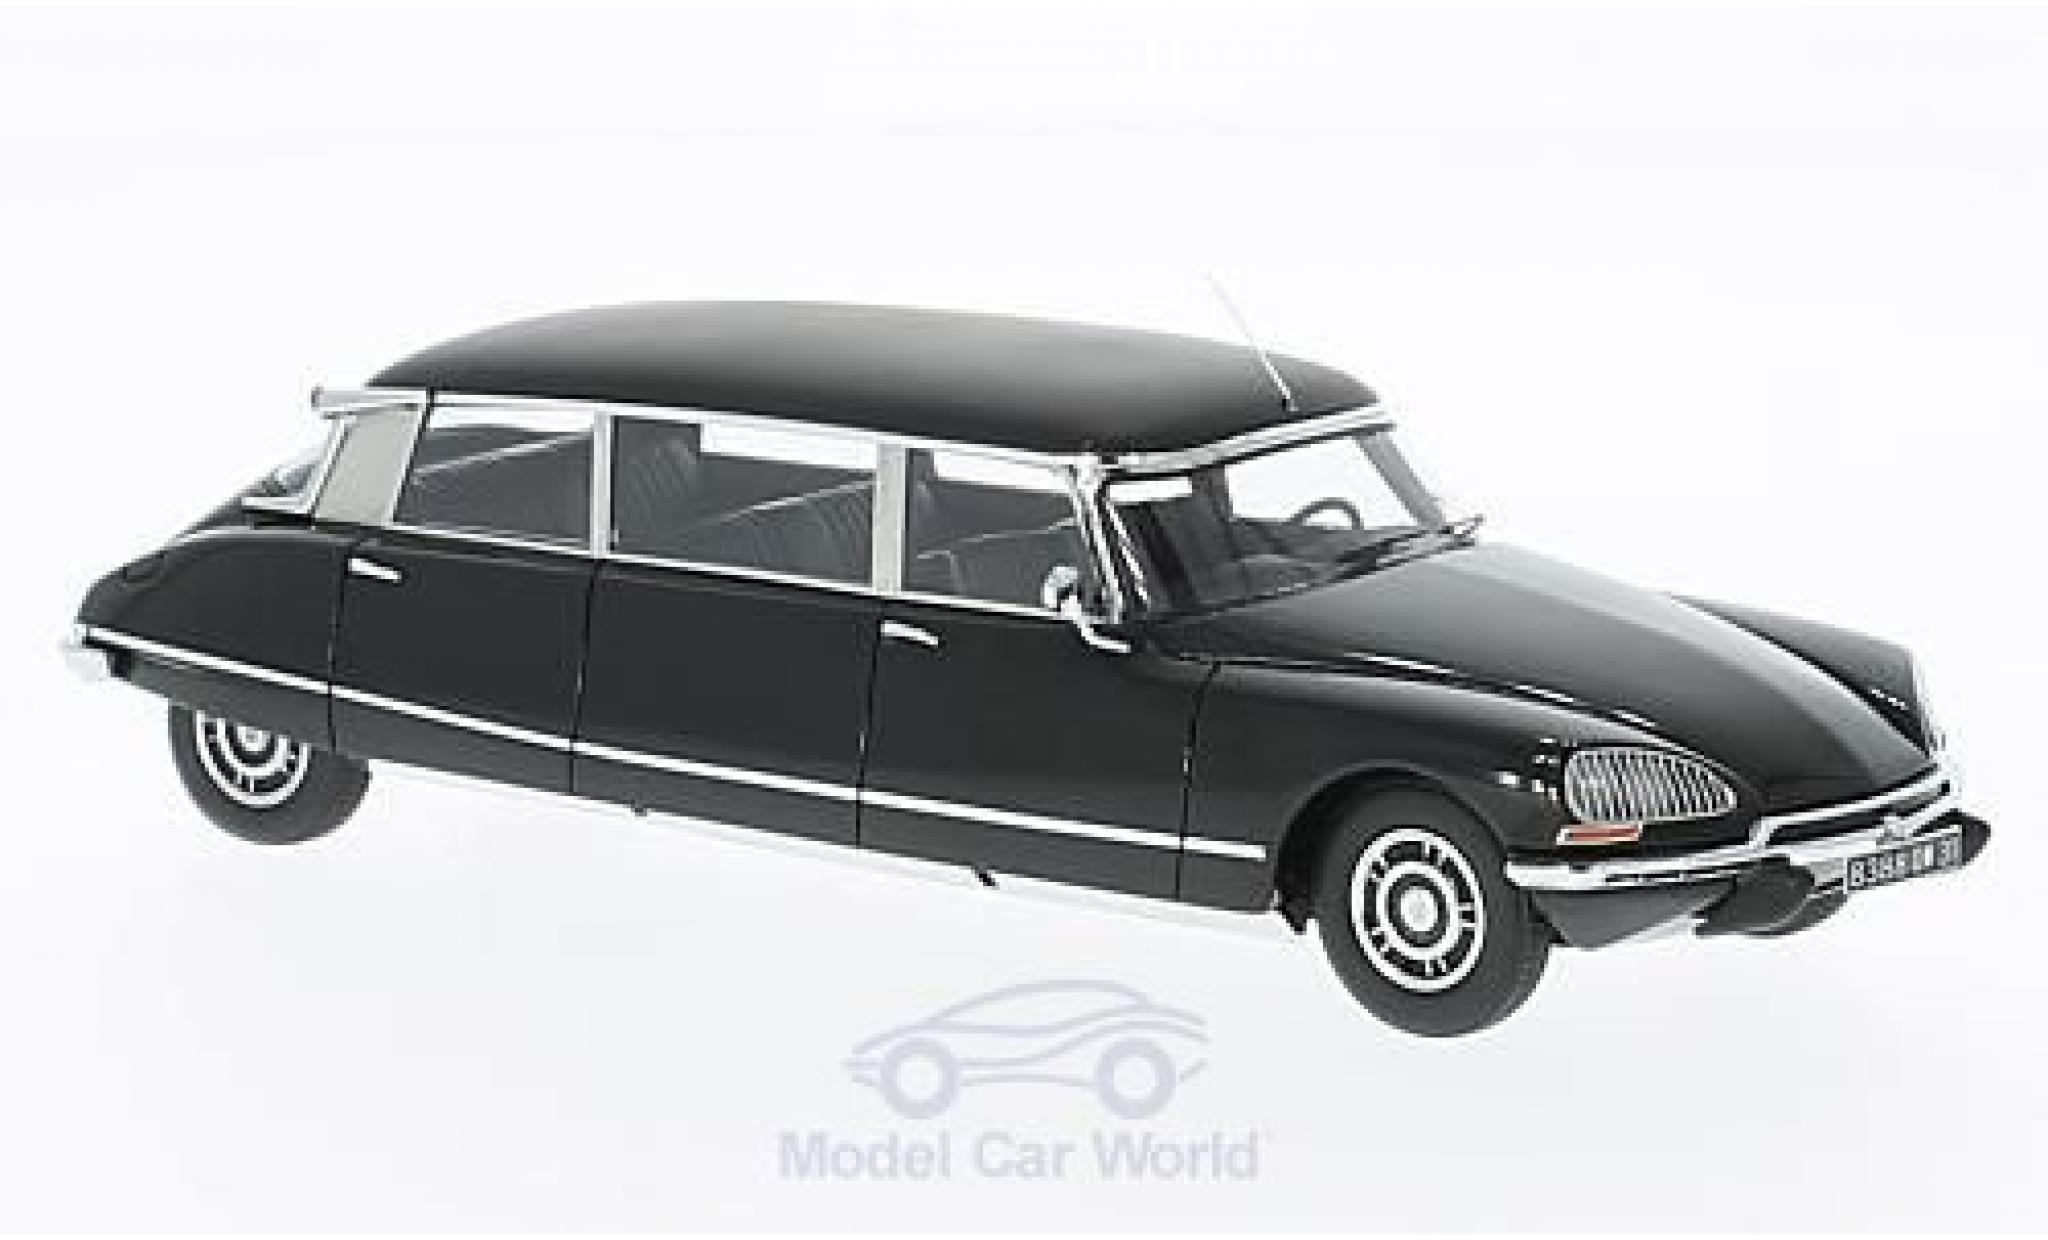 Citroen DS 19 1/43 GLM Limousine black 69